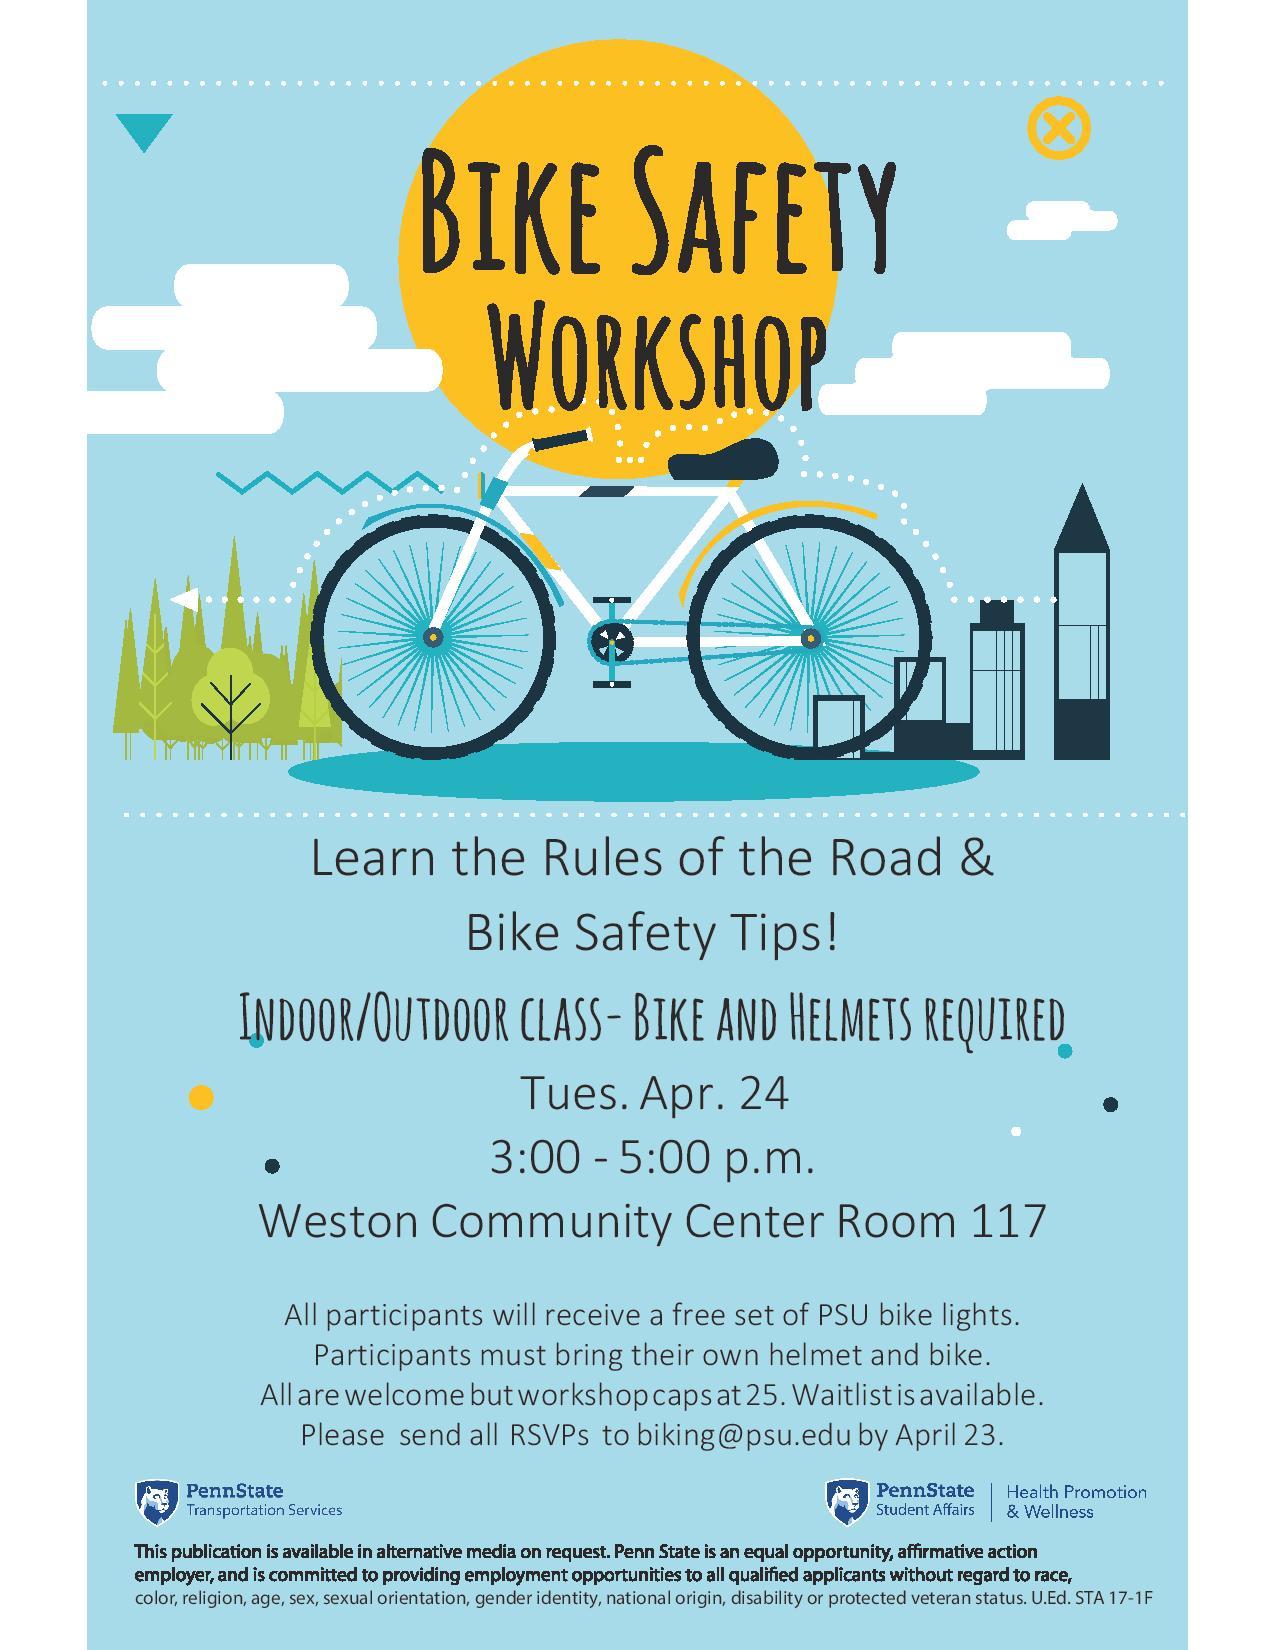 April Bike Safety Workshop Flyer